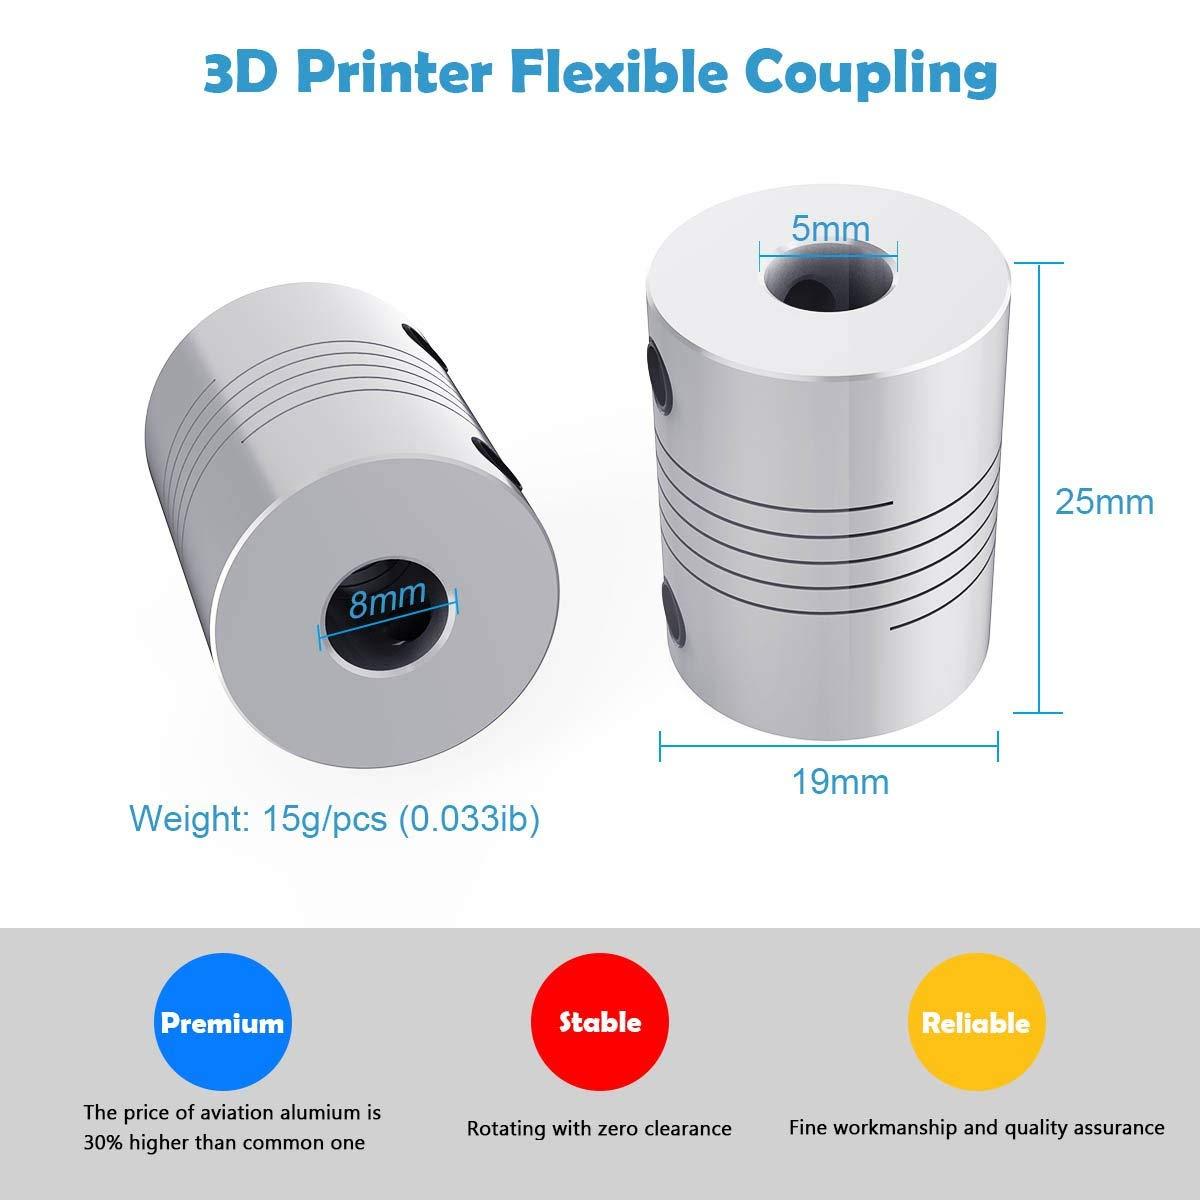 Coupleurs flexibles Zeelo 4PCS coupleur darbre NEMA 17 de 5 /à 8 mm pour Creality CR-10 S4 S5 S5 Makerbot RepRap Prusa i3 imprimante 3D ou CNC